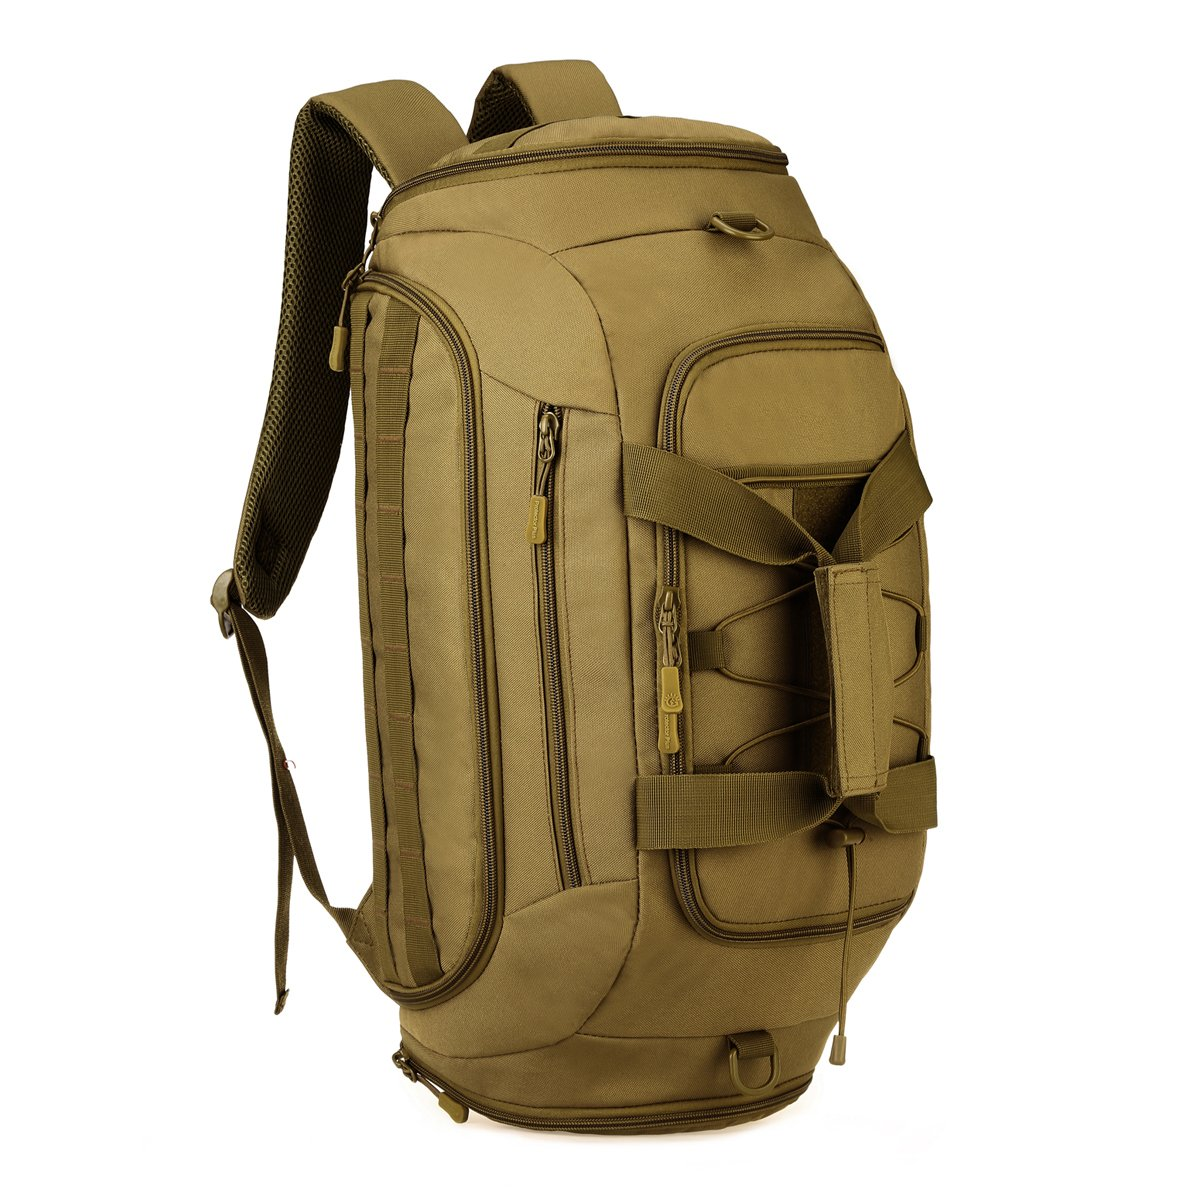 Protector Plus 35l多目的タクティカルミリタリーバックパックリュックサックAssault Pack MOLLEバグアウトバッグデイパックアウトドアハイキングキャンプトレッキングHunting  ブラウン(coyote brown) B076QBDT4P